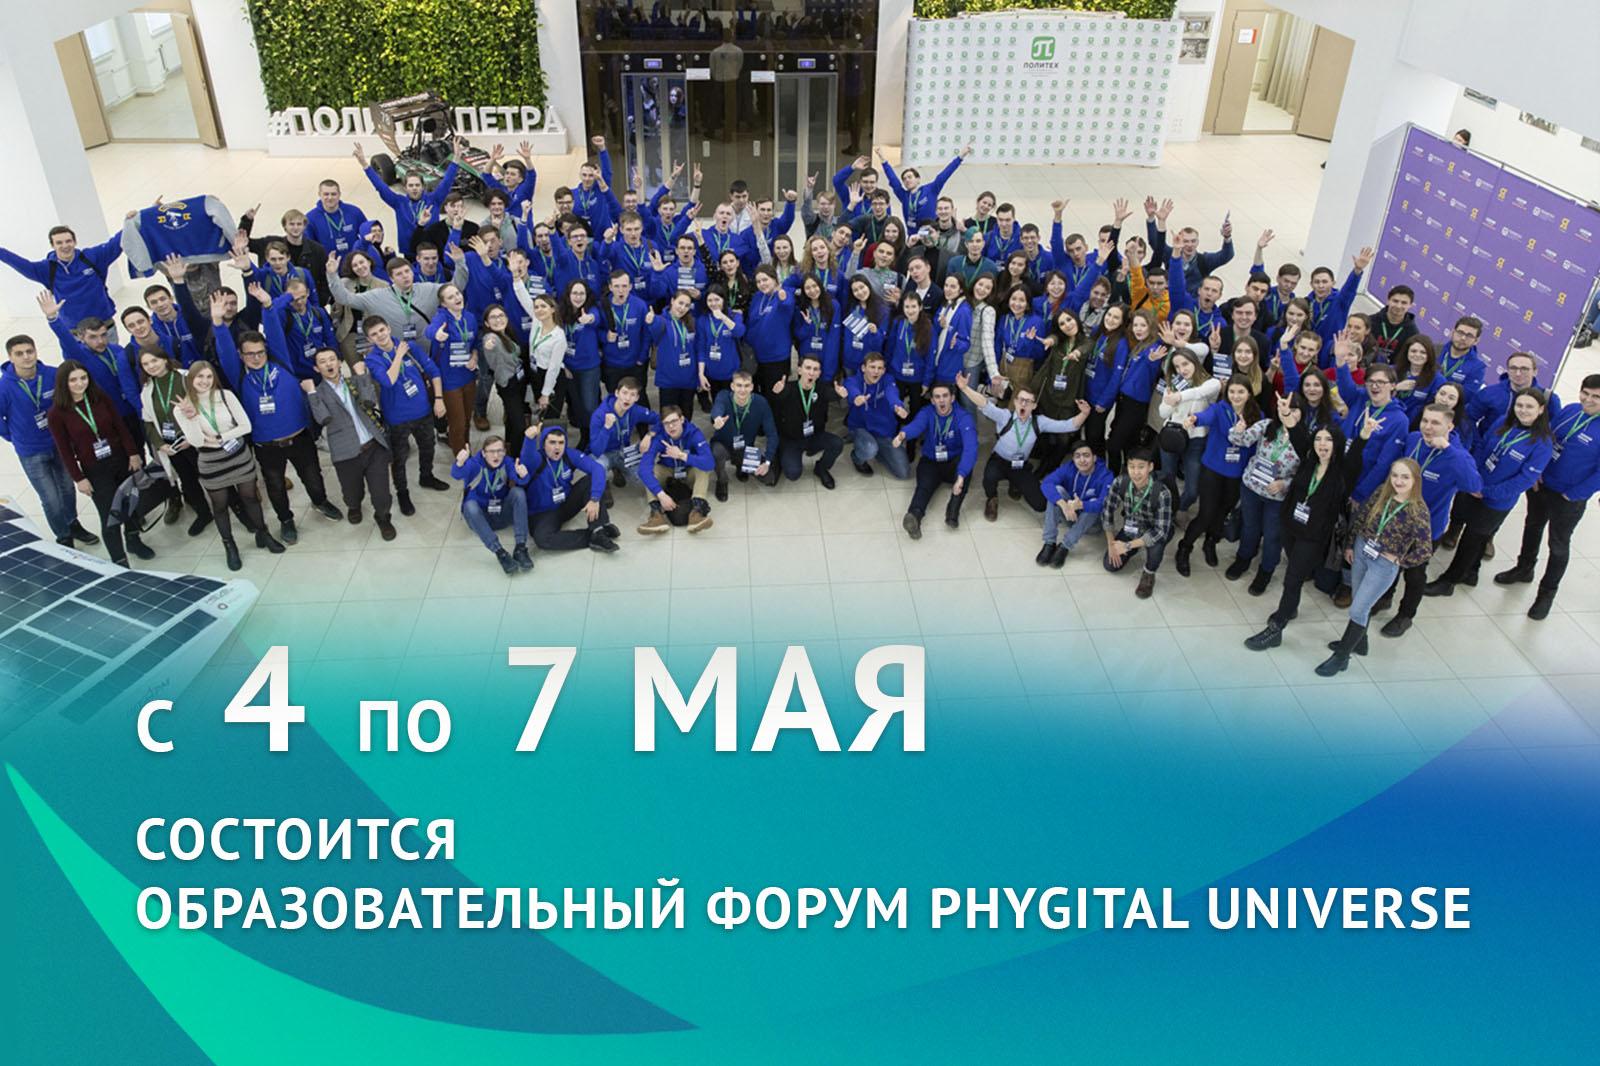 Образовательный форум Phygital Universe